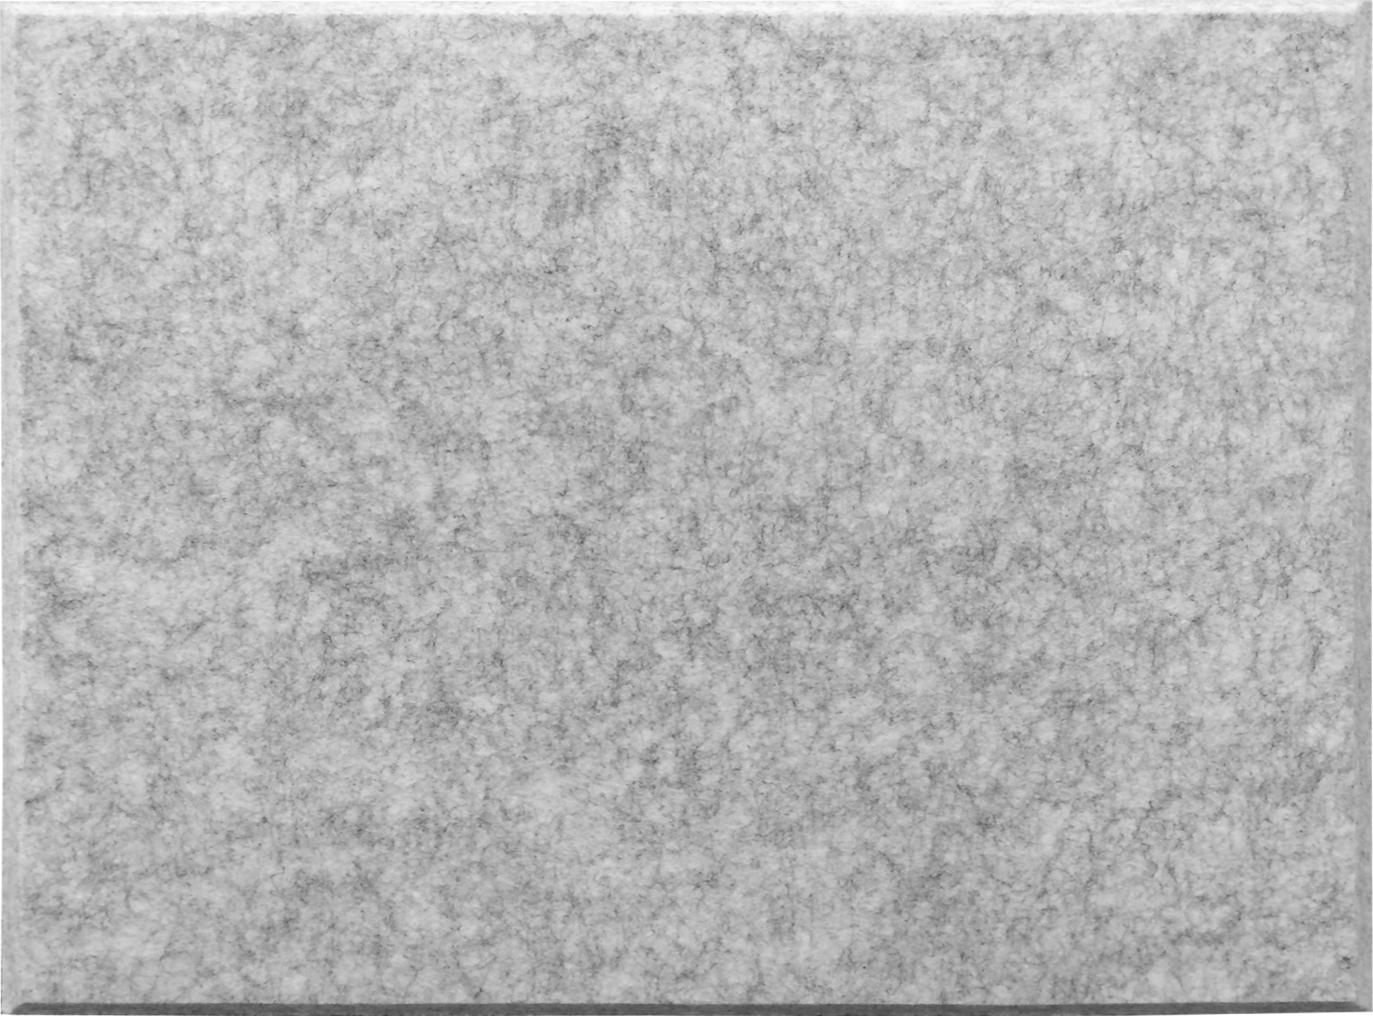 井上金庫 【FB-8060C-GY(グレー) 12枚入/ケース】 フェルメノン 吸音パネル45C マグネットなし 800×600mm 厚9mm [♪▲]